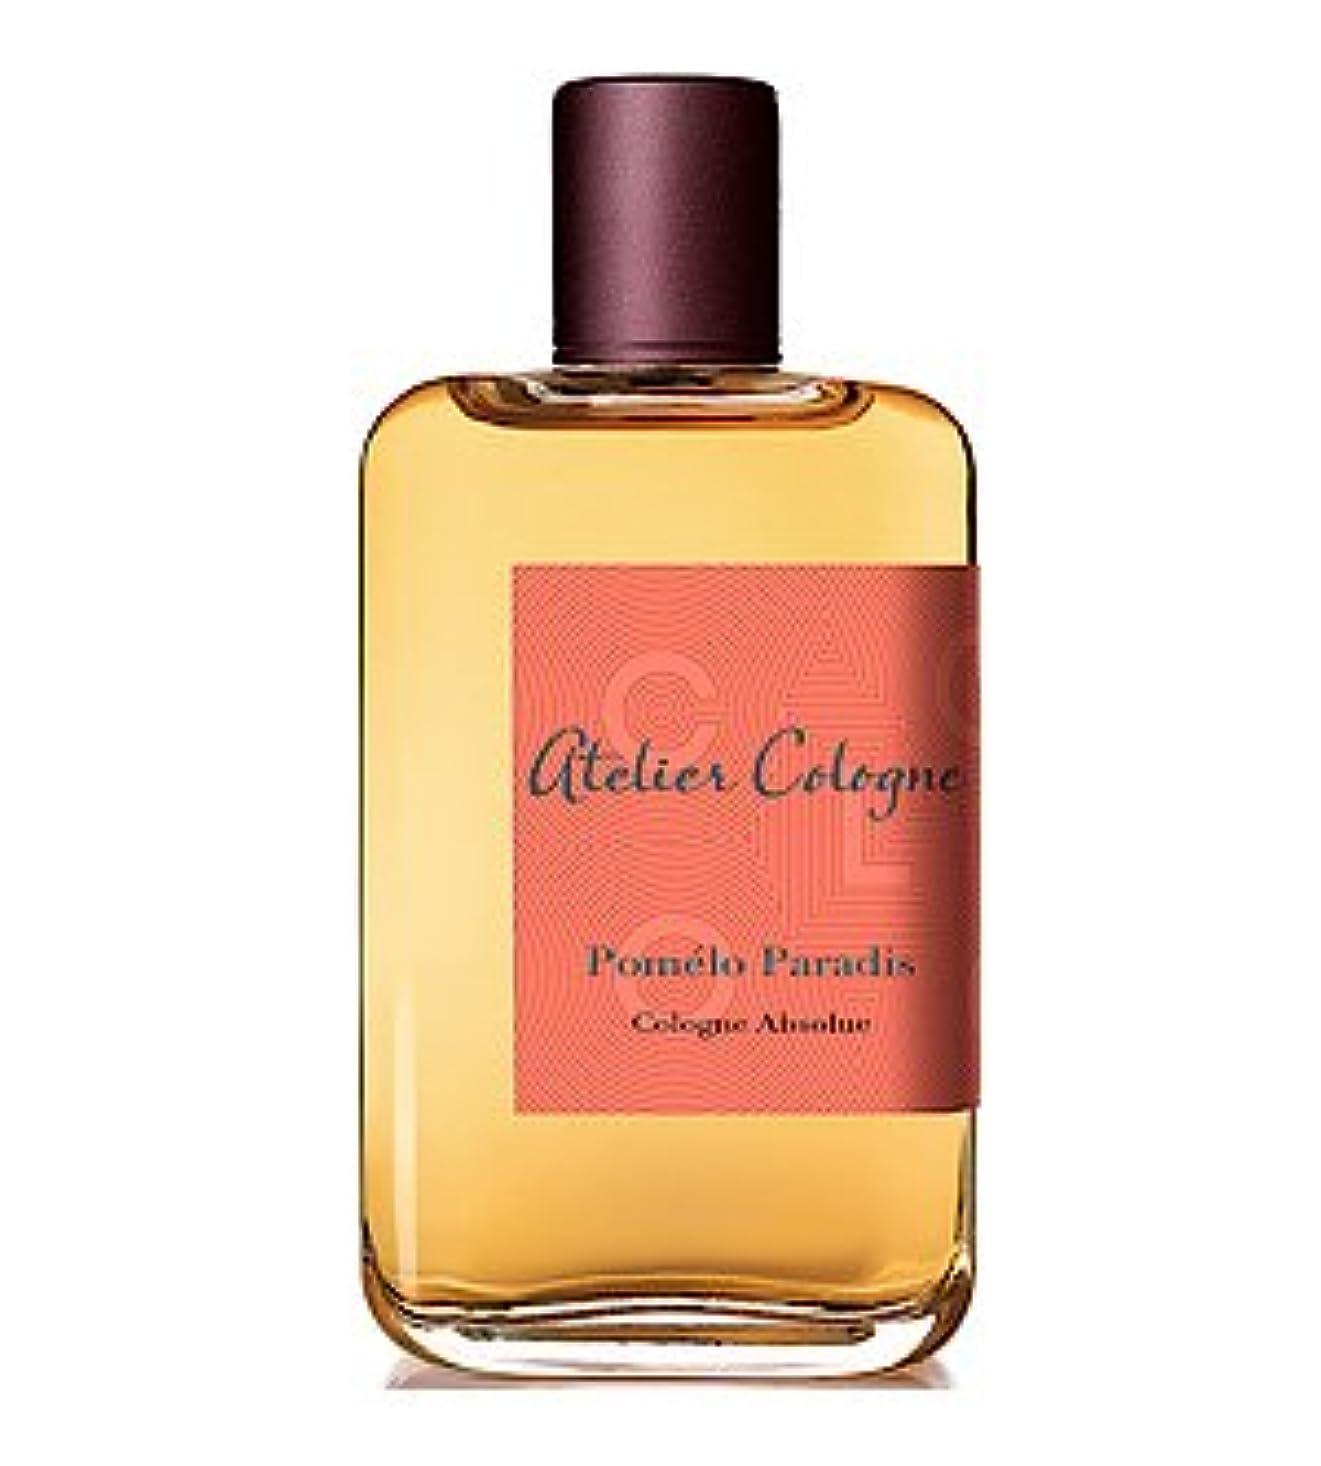 野望思いやりのある垂直Atelier Cologne Pomelo Paradis (アトリエ コロン ポメロ パラディス) 6.7 oz (200ml) Cologne Absolue